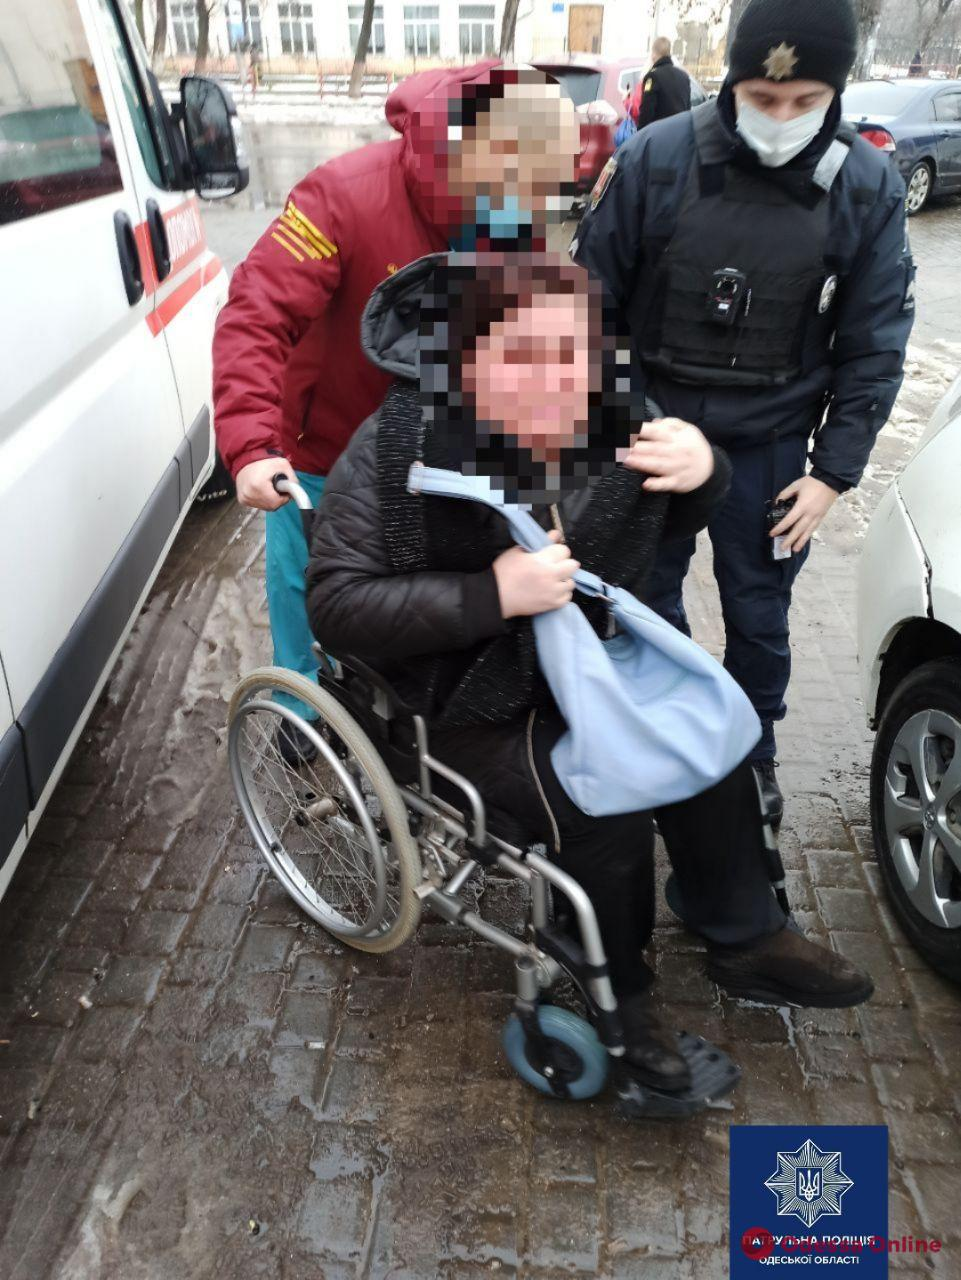 Одесские патрульные помогли женщине, которая травмировала ногу